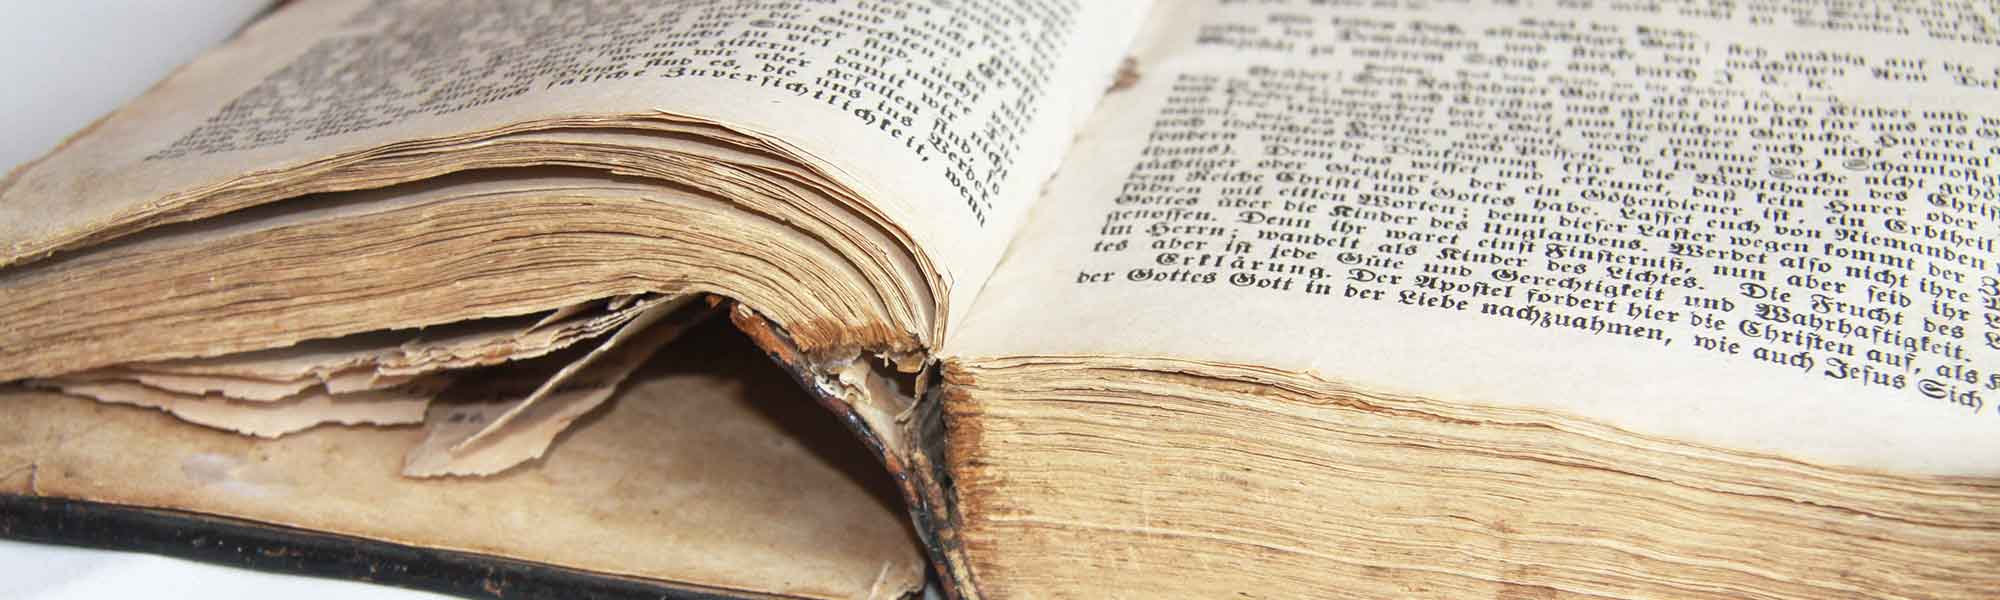 Altes Buch - Ausschnitt